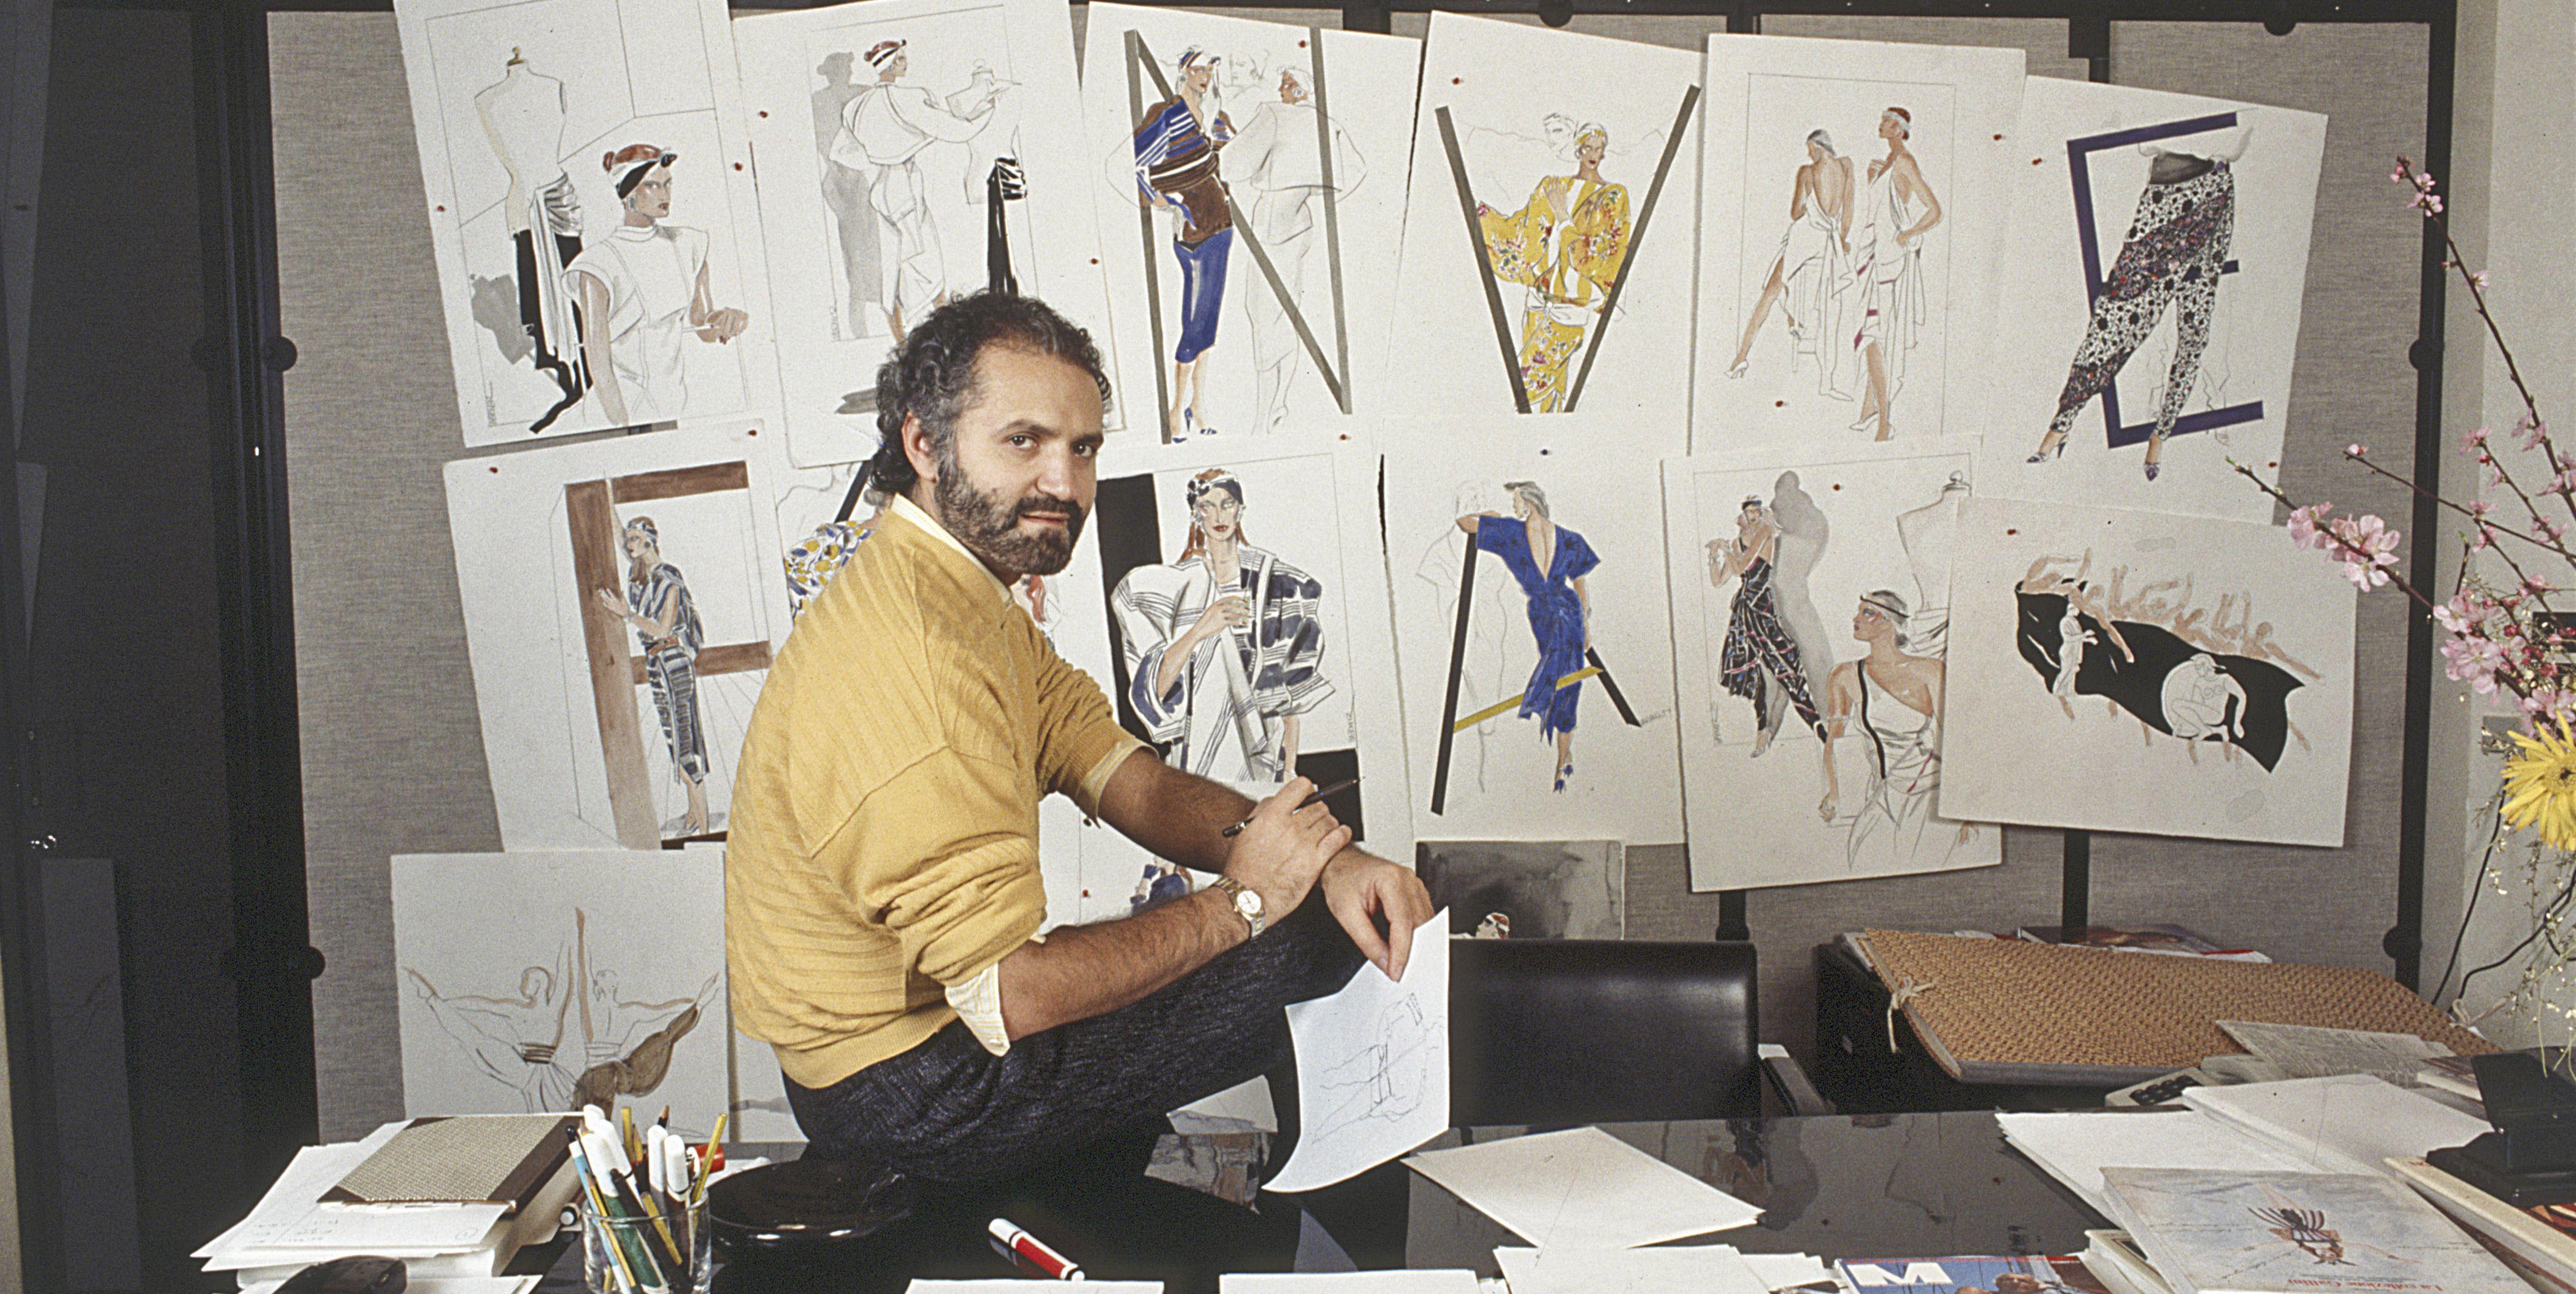 Gianni Versace's Secret Moments